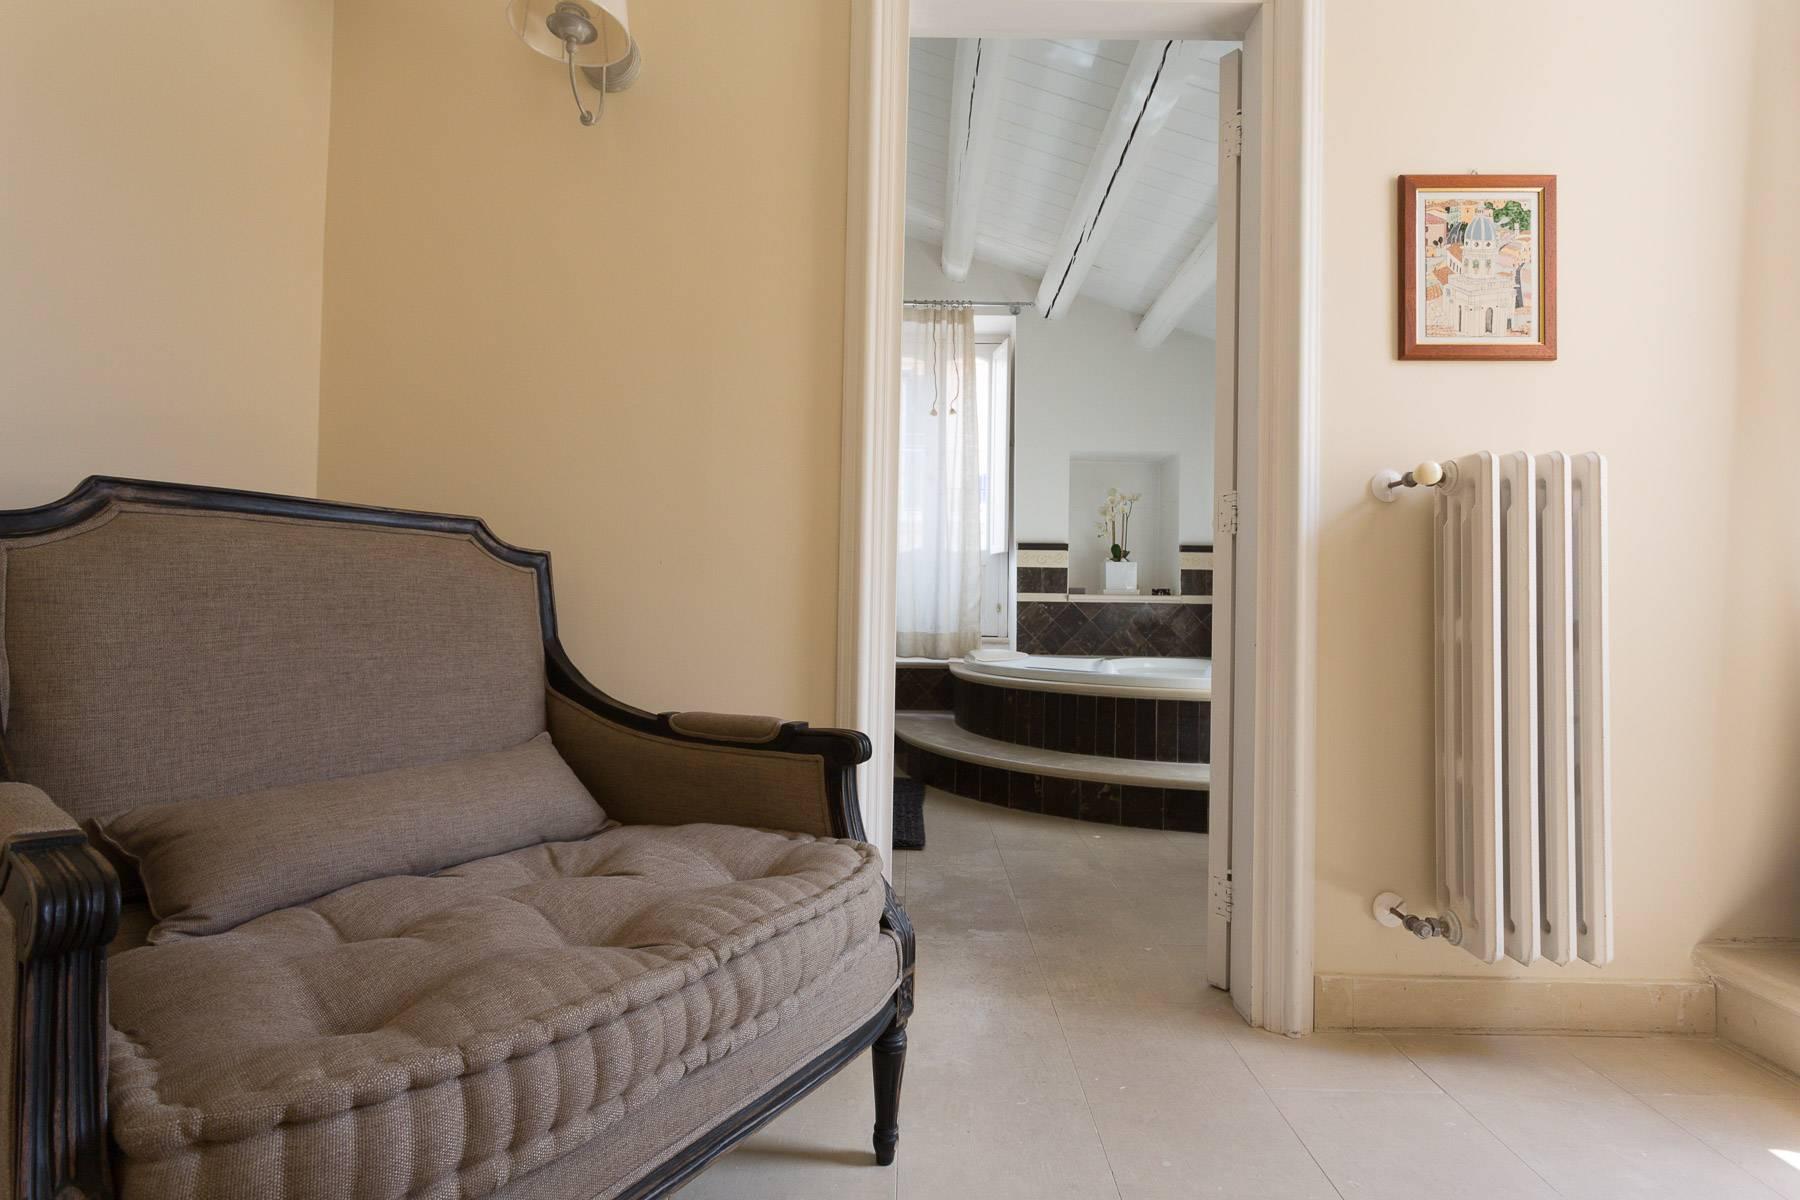 Casa indipendente in Vendita a Ragusa: 5 locali, 200 mq - Foto 6